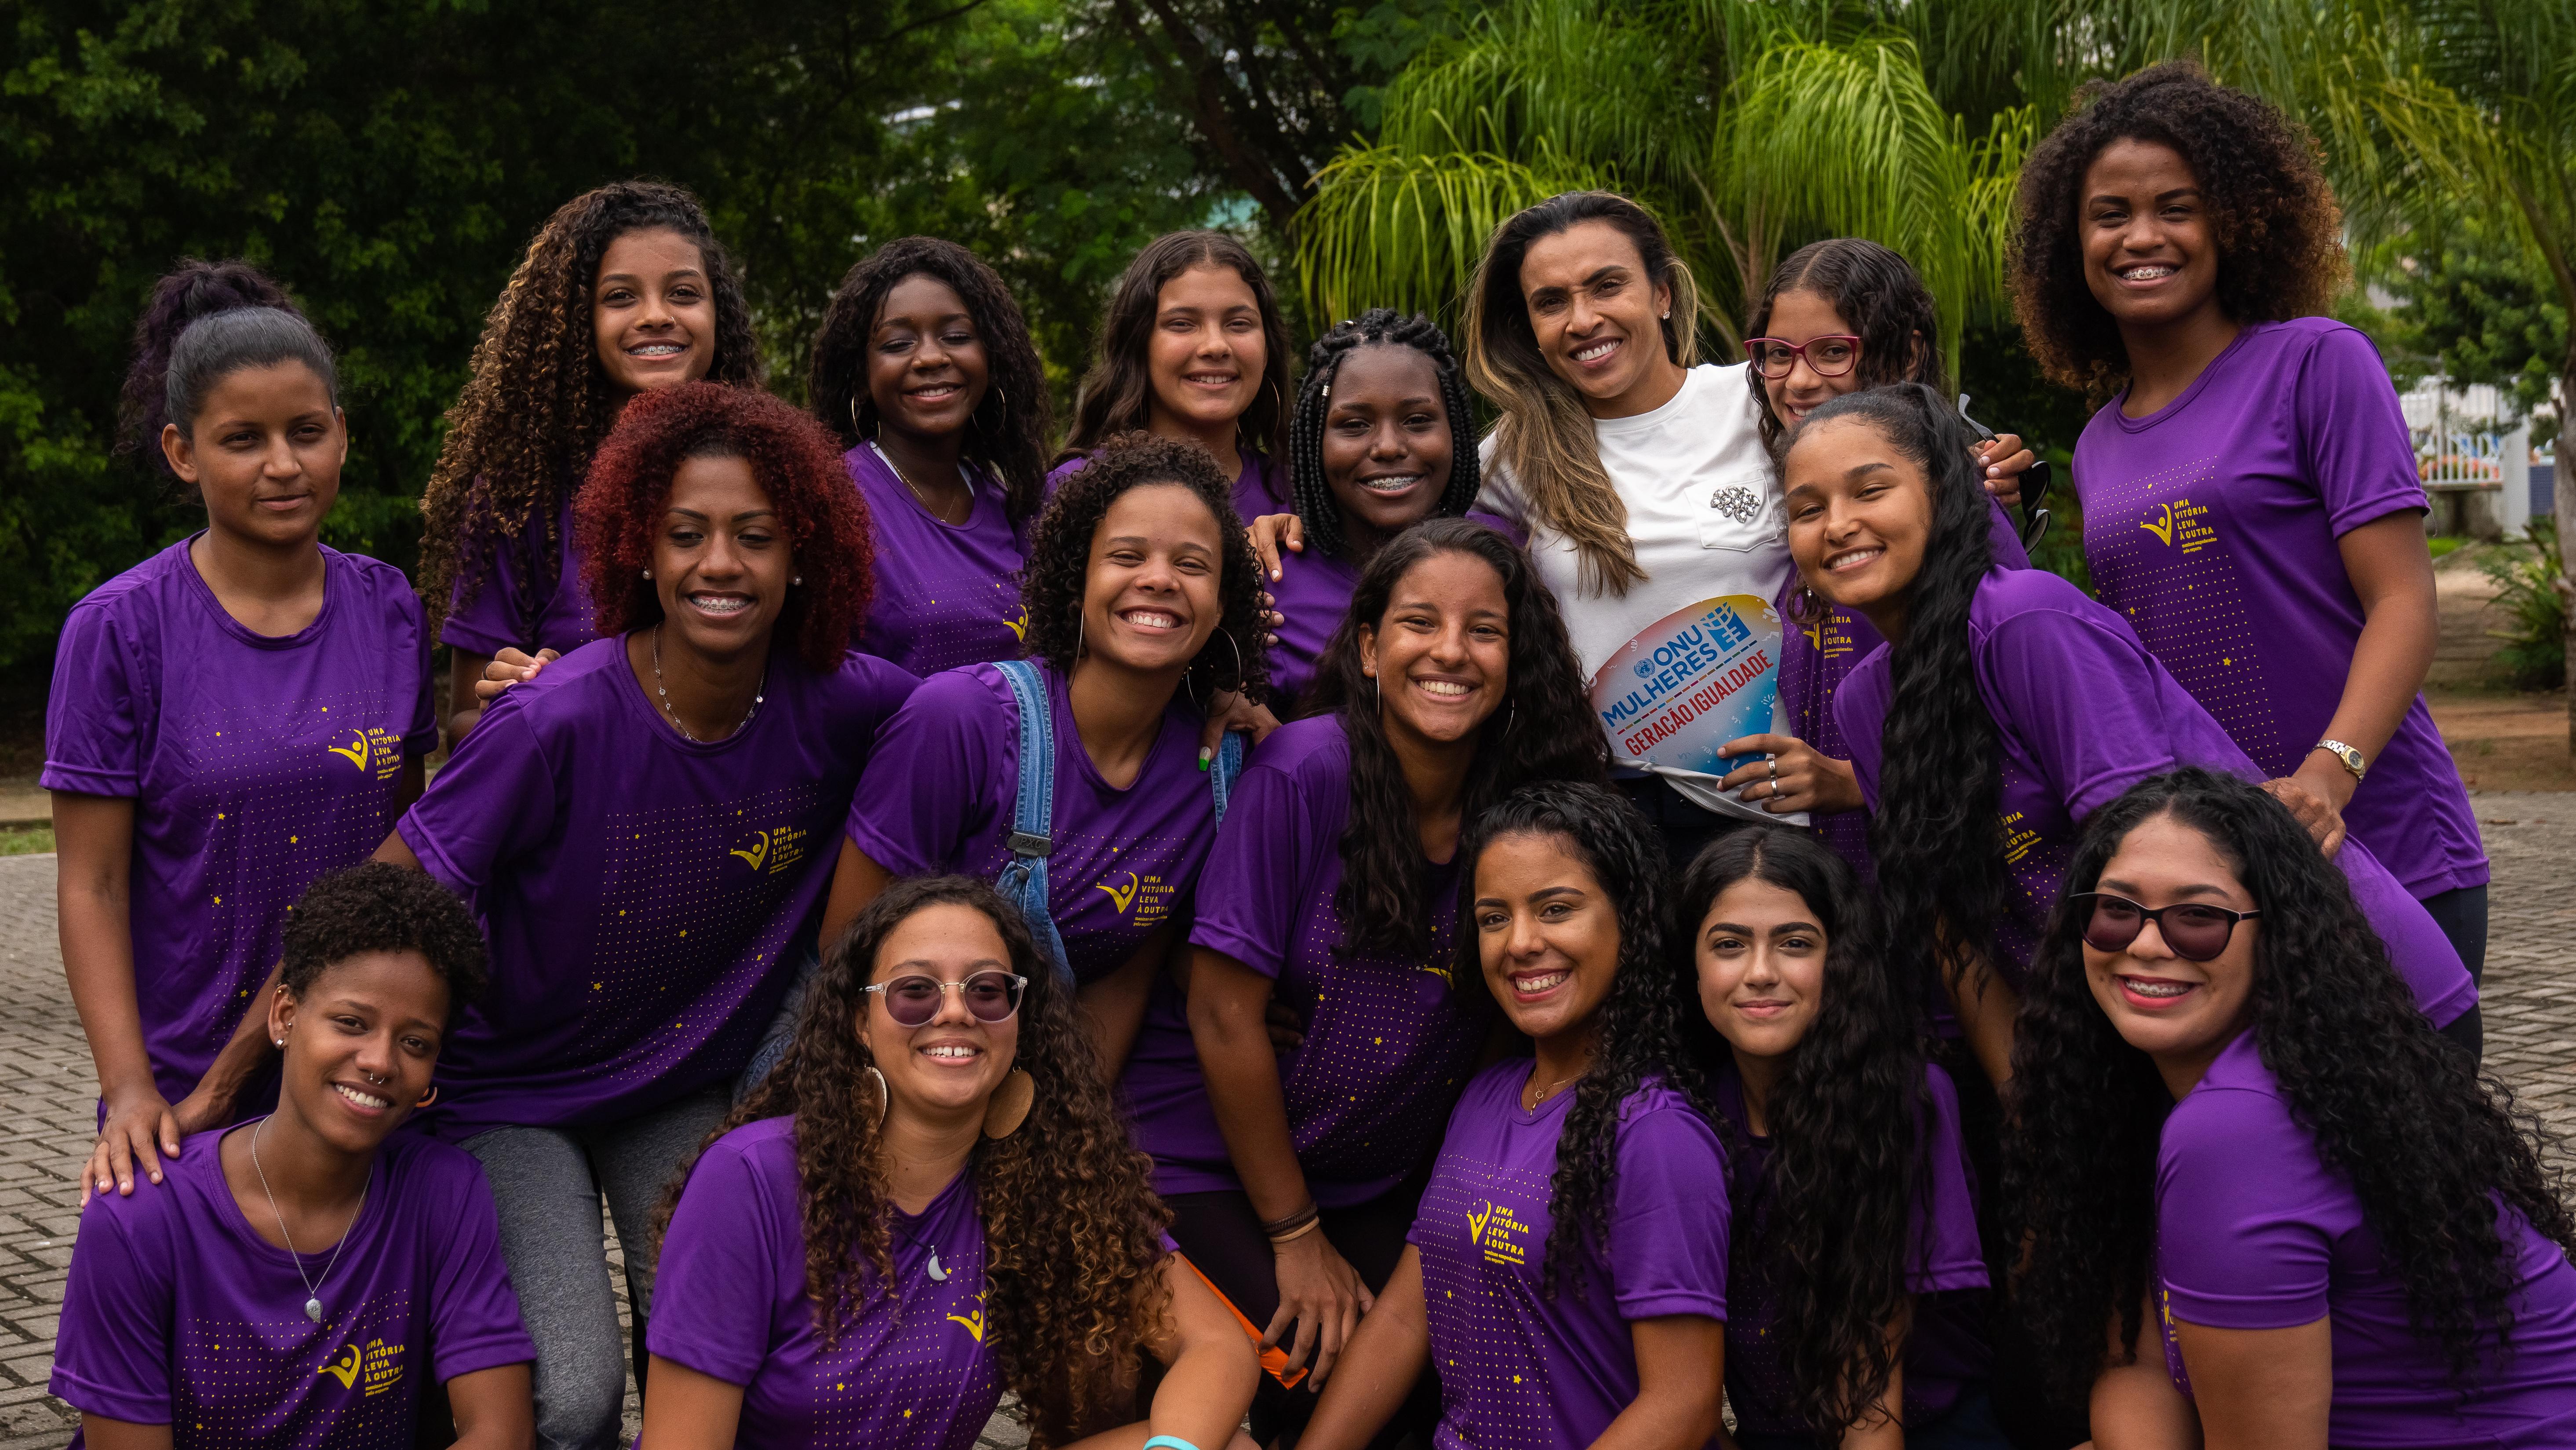 """Nós, mulheres, estamos conquistando nosso lugar no esporte, porque lutamos para isso"""", diz Letícia Teixeira, beneficiária do programa Uma Vitória Leva à Outra, sobre Tóquio 2020/noticias mulheres no esporte meninas marta geracao igualdade covid19"""